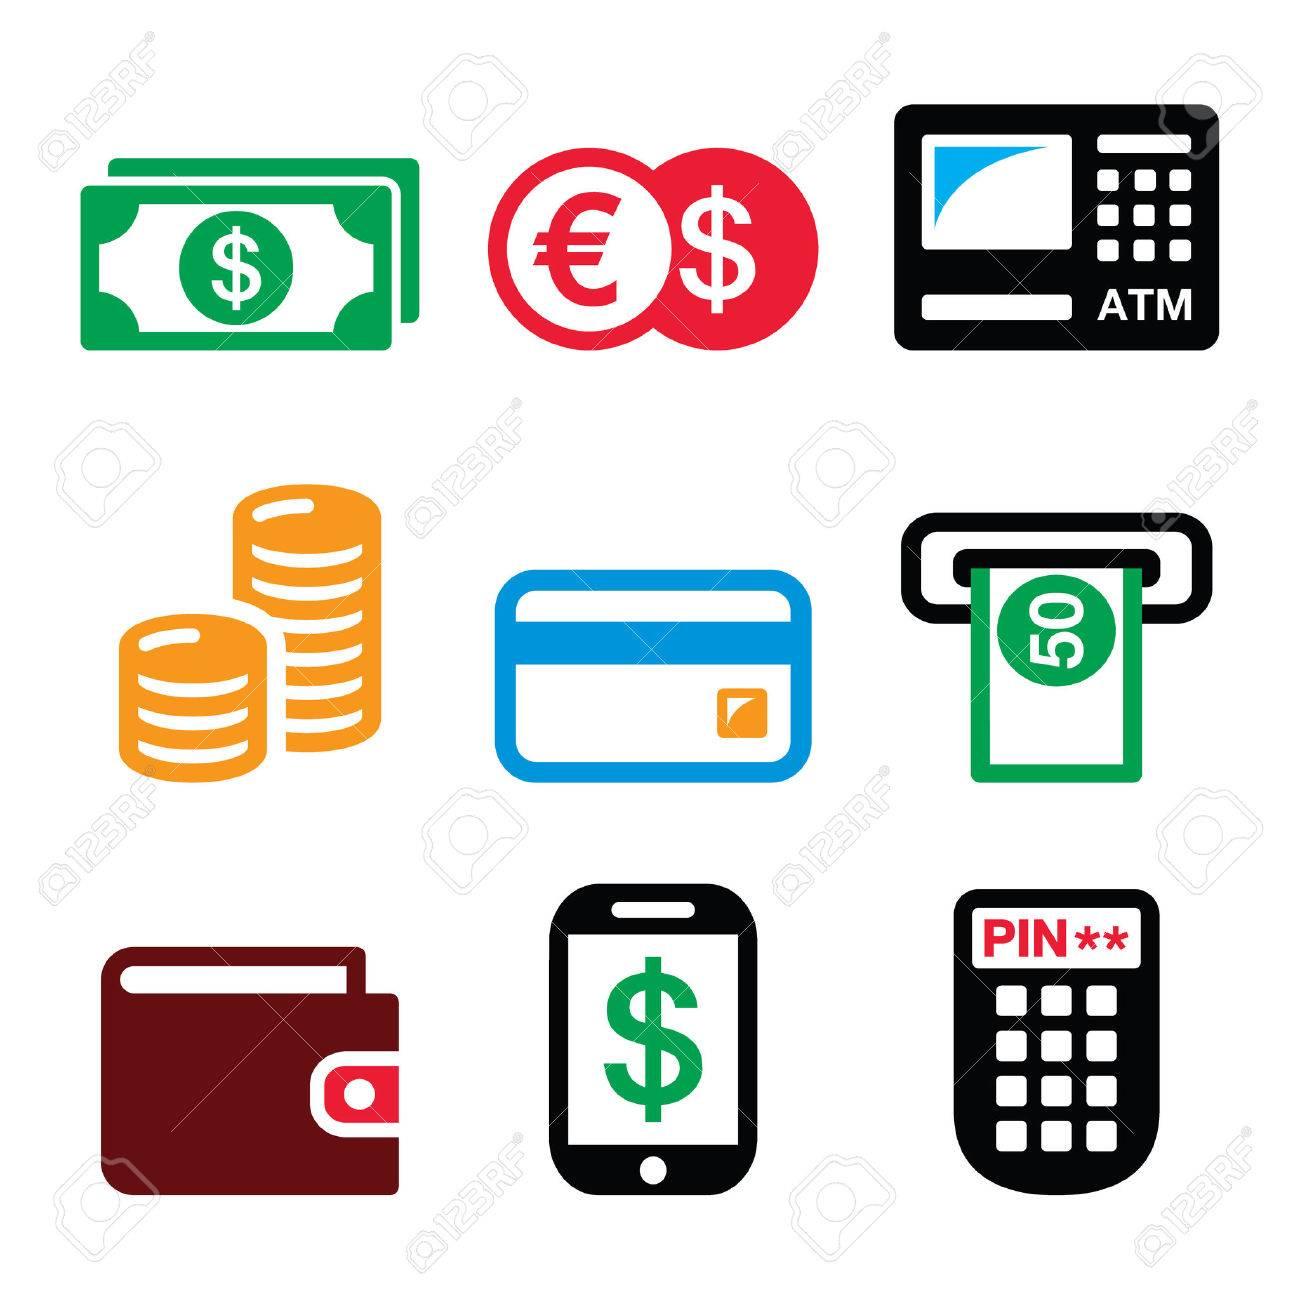 Money, ATM - cash machine vector icons set - 52473294